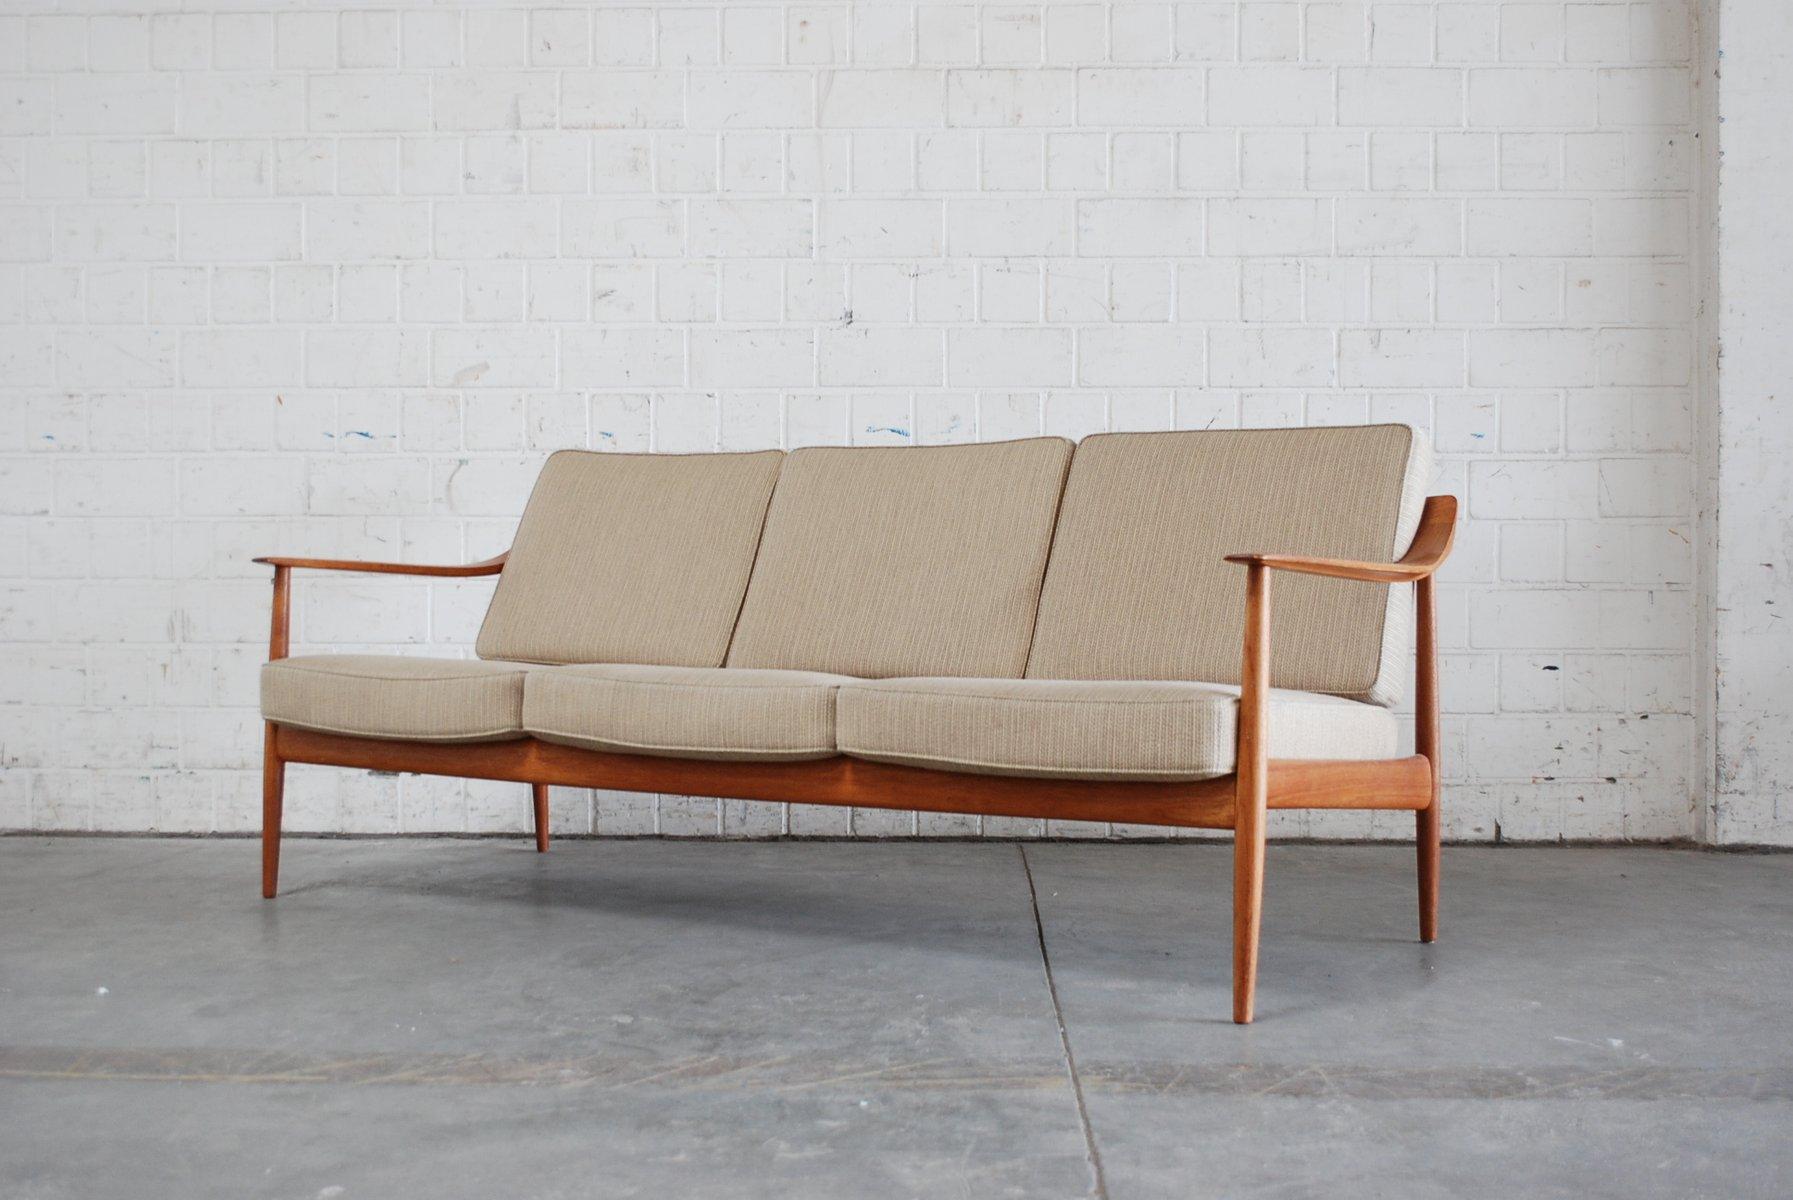 Dänisches Teak Sofa von Knoll Antimott bei Pamono kaufen